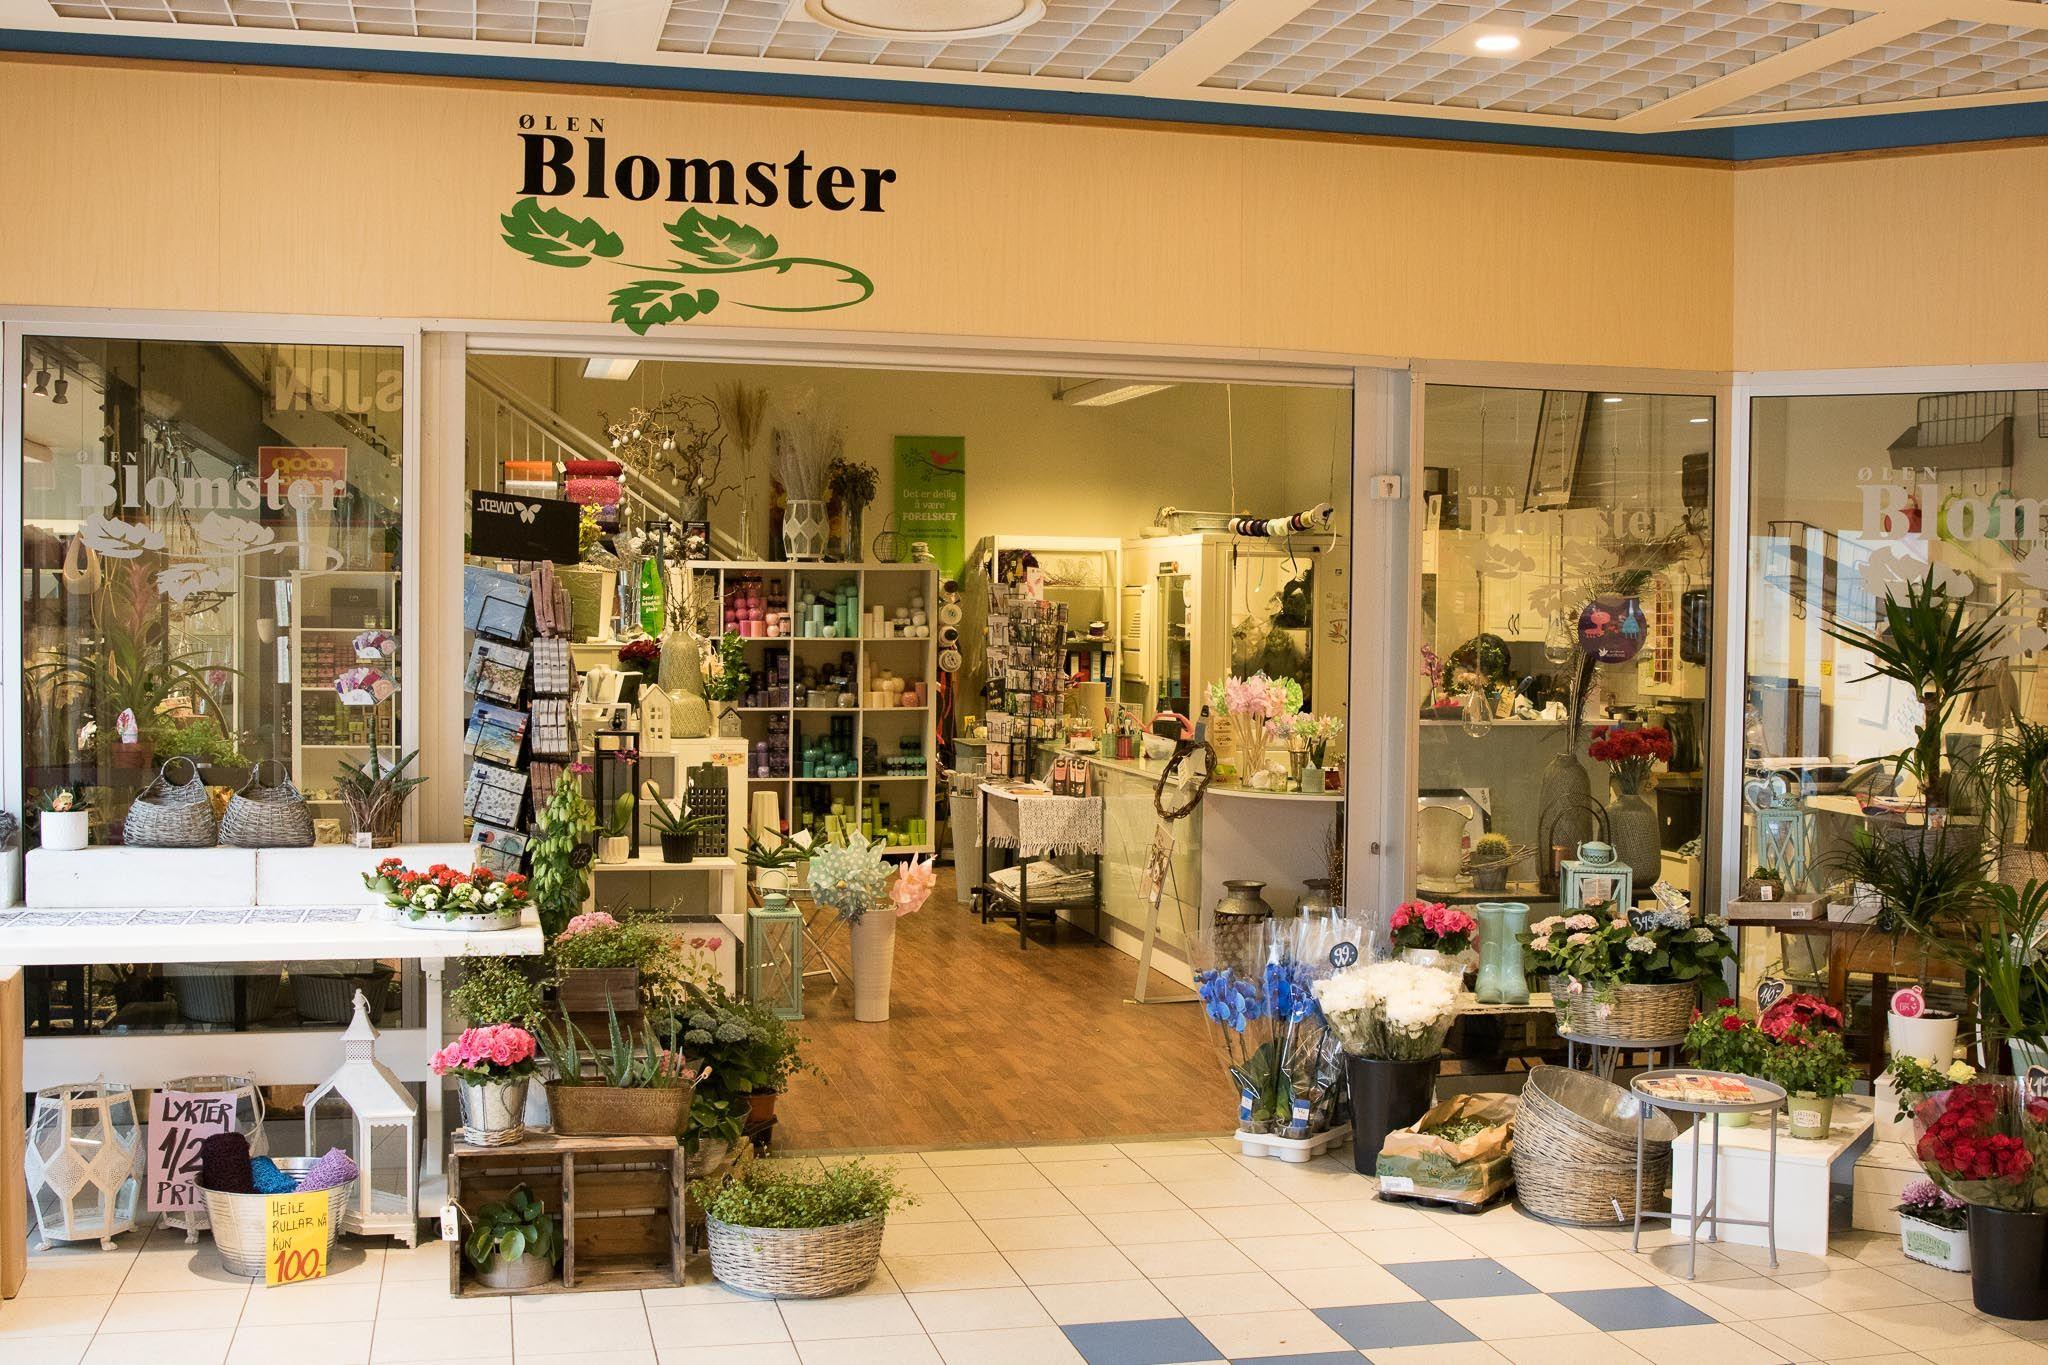 Bilete av Ølen Blomster butikk